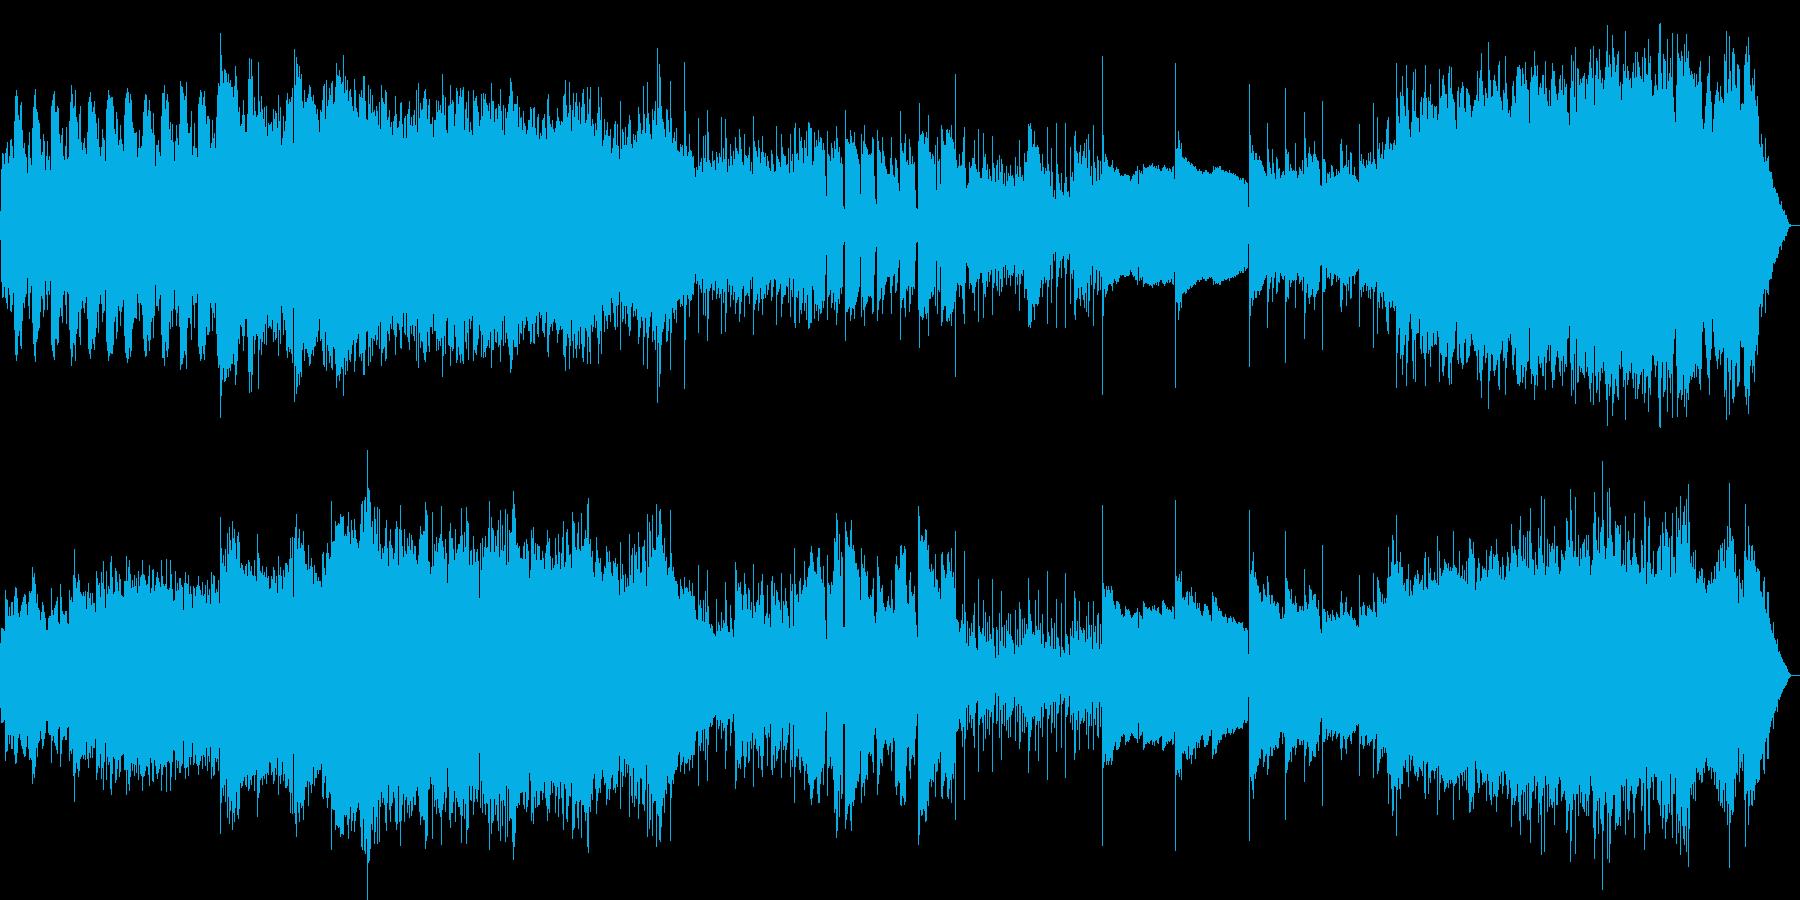 なめらかでおしゃれなメロディーの再生済みの波形